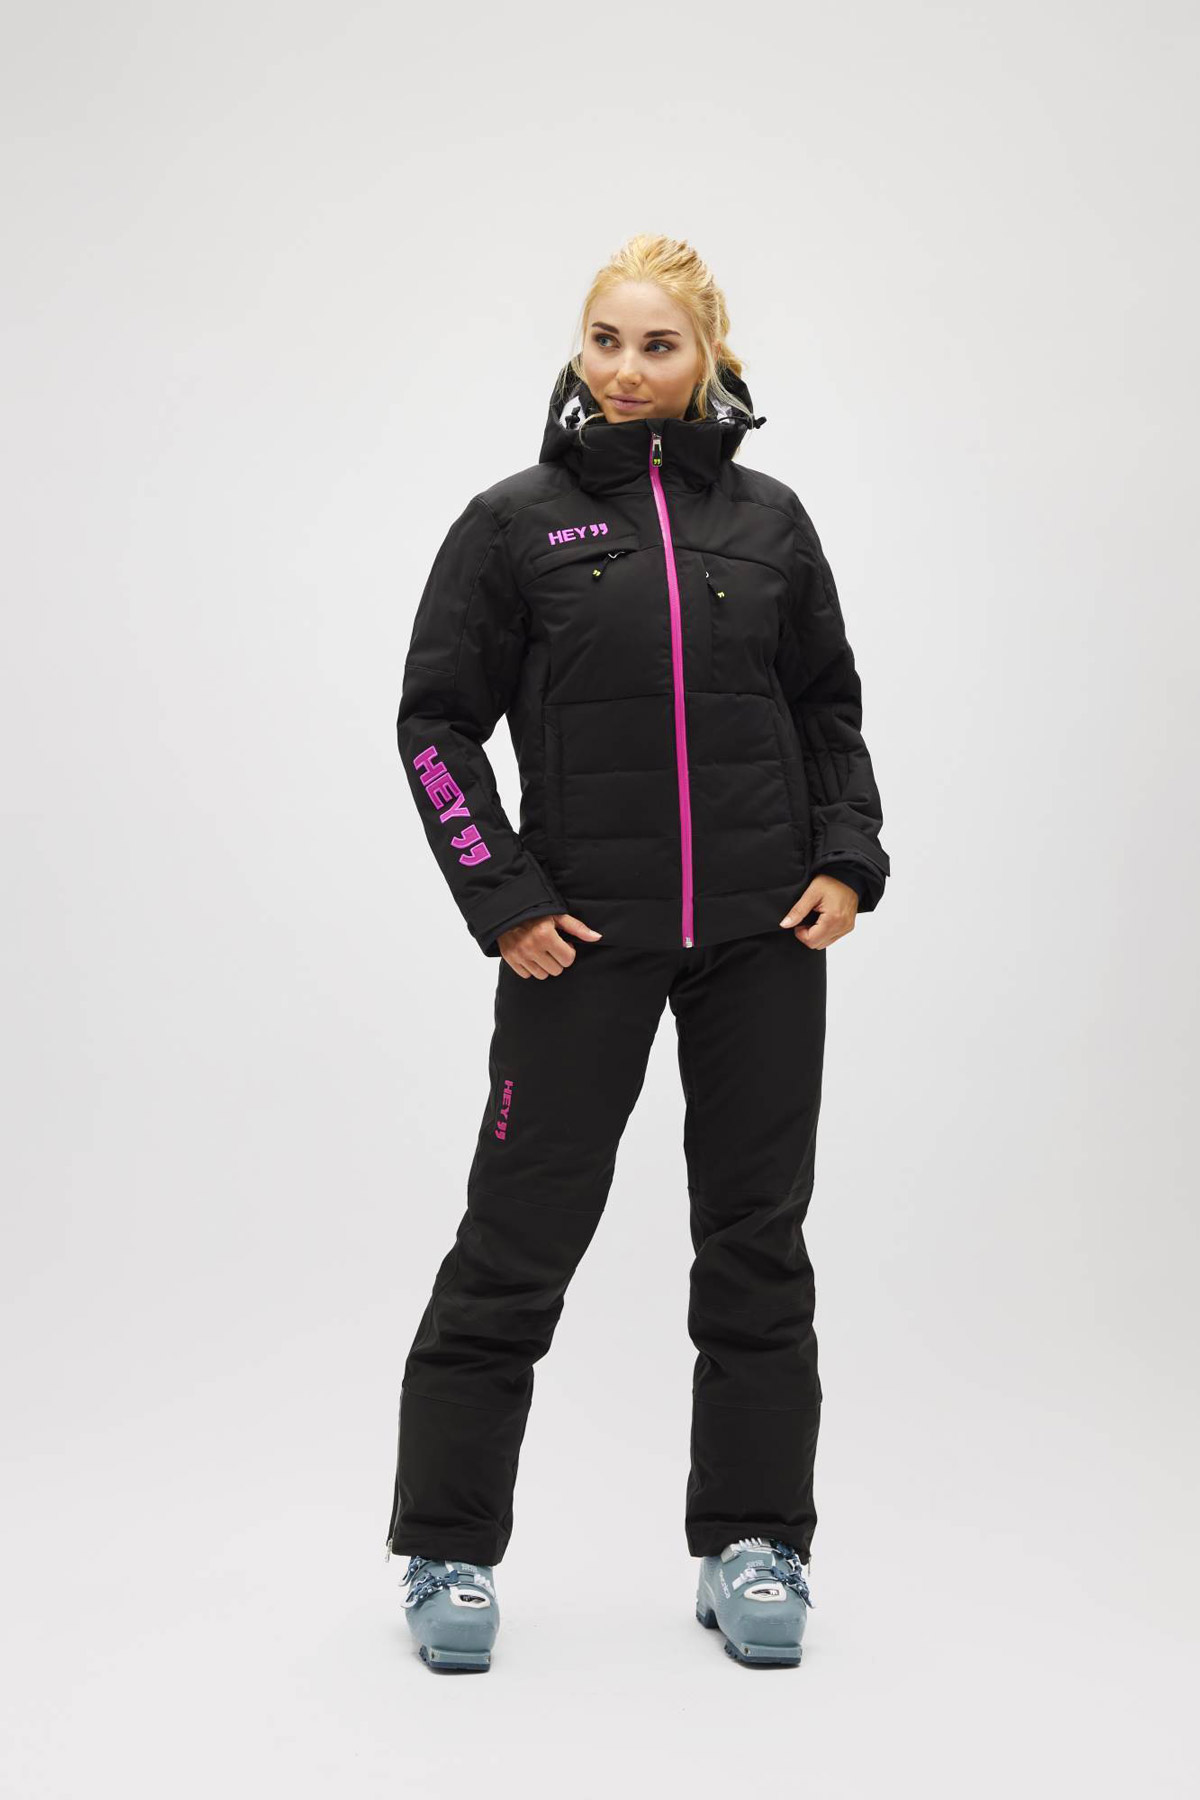 nero, donna, Giacca BIG BEAR, Giacca da sci Hey Sport, Abbigliamento impermeabile per la neve, abbigliamento invernale, abbigliamento per la neve